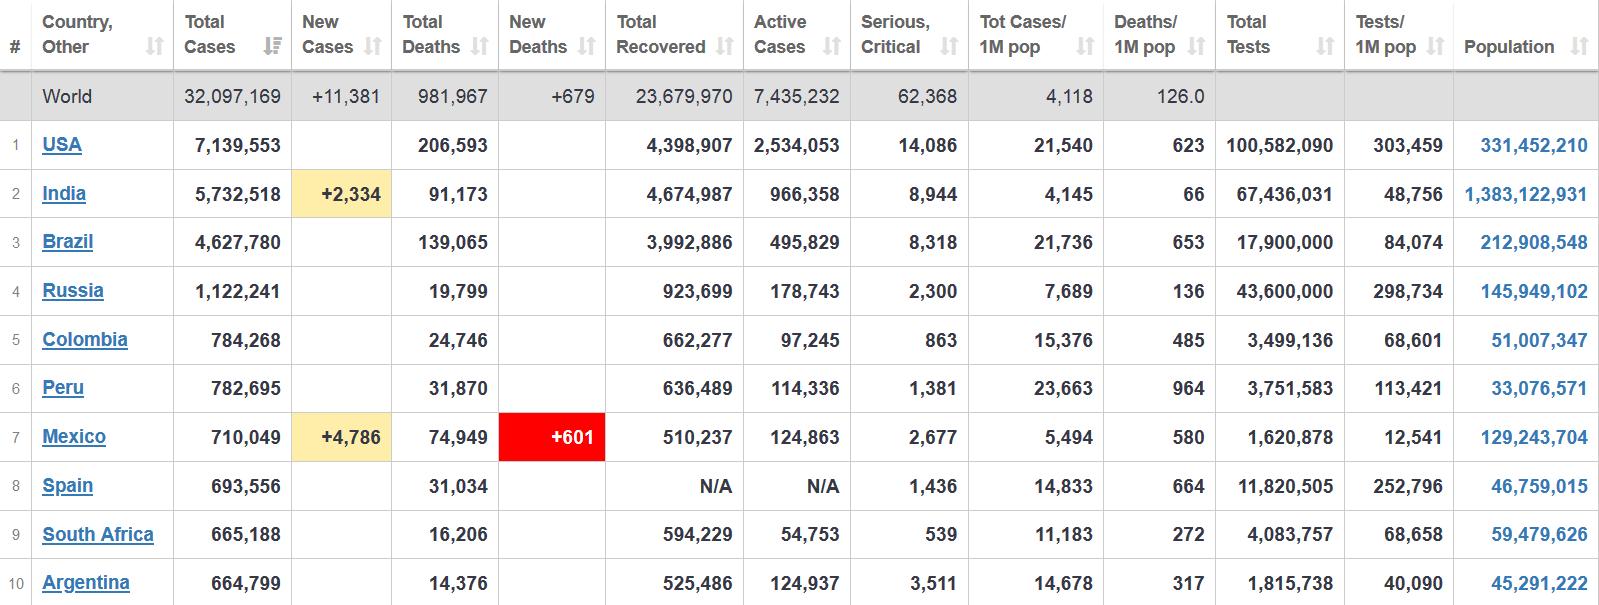 شمار مبتلایان به کرونا در جهان از ۳۲ میلیون نفر هم گذشت+ جدول